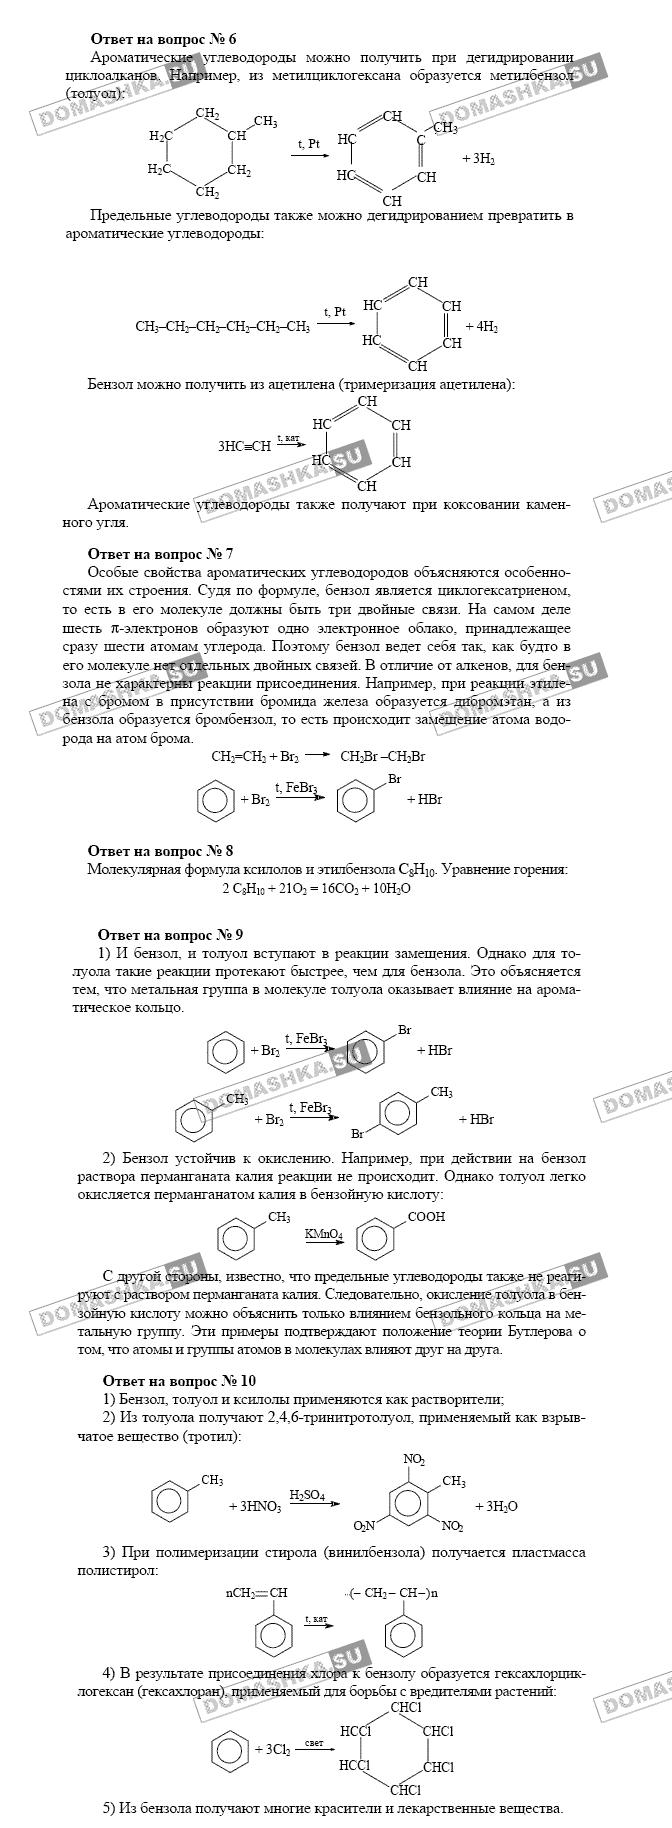 Гдз по химии 10 класс рудзитис 2018 базовый уровень